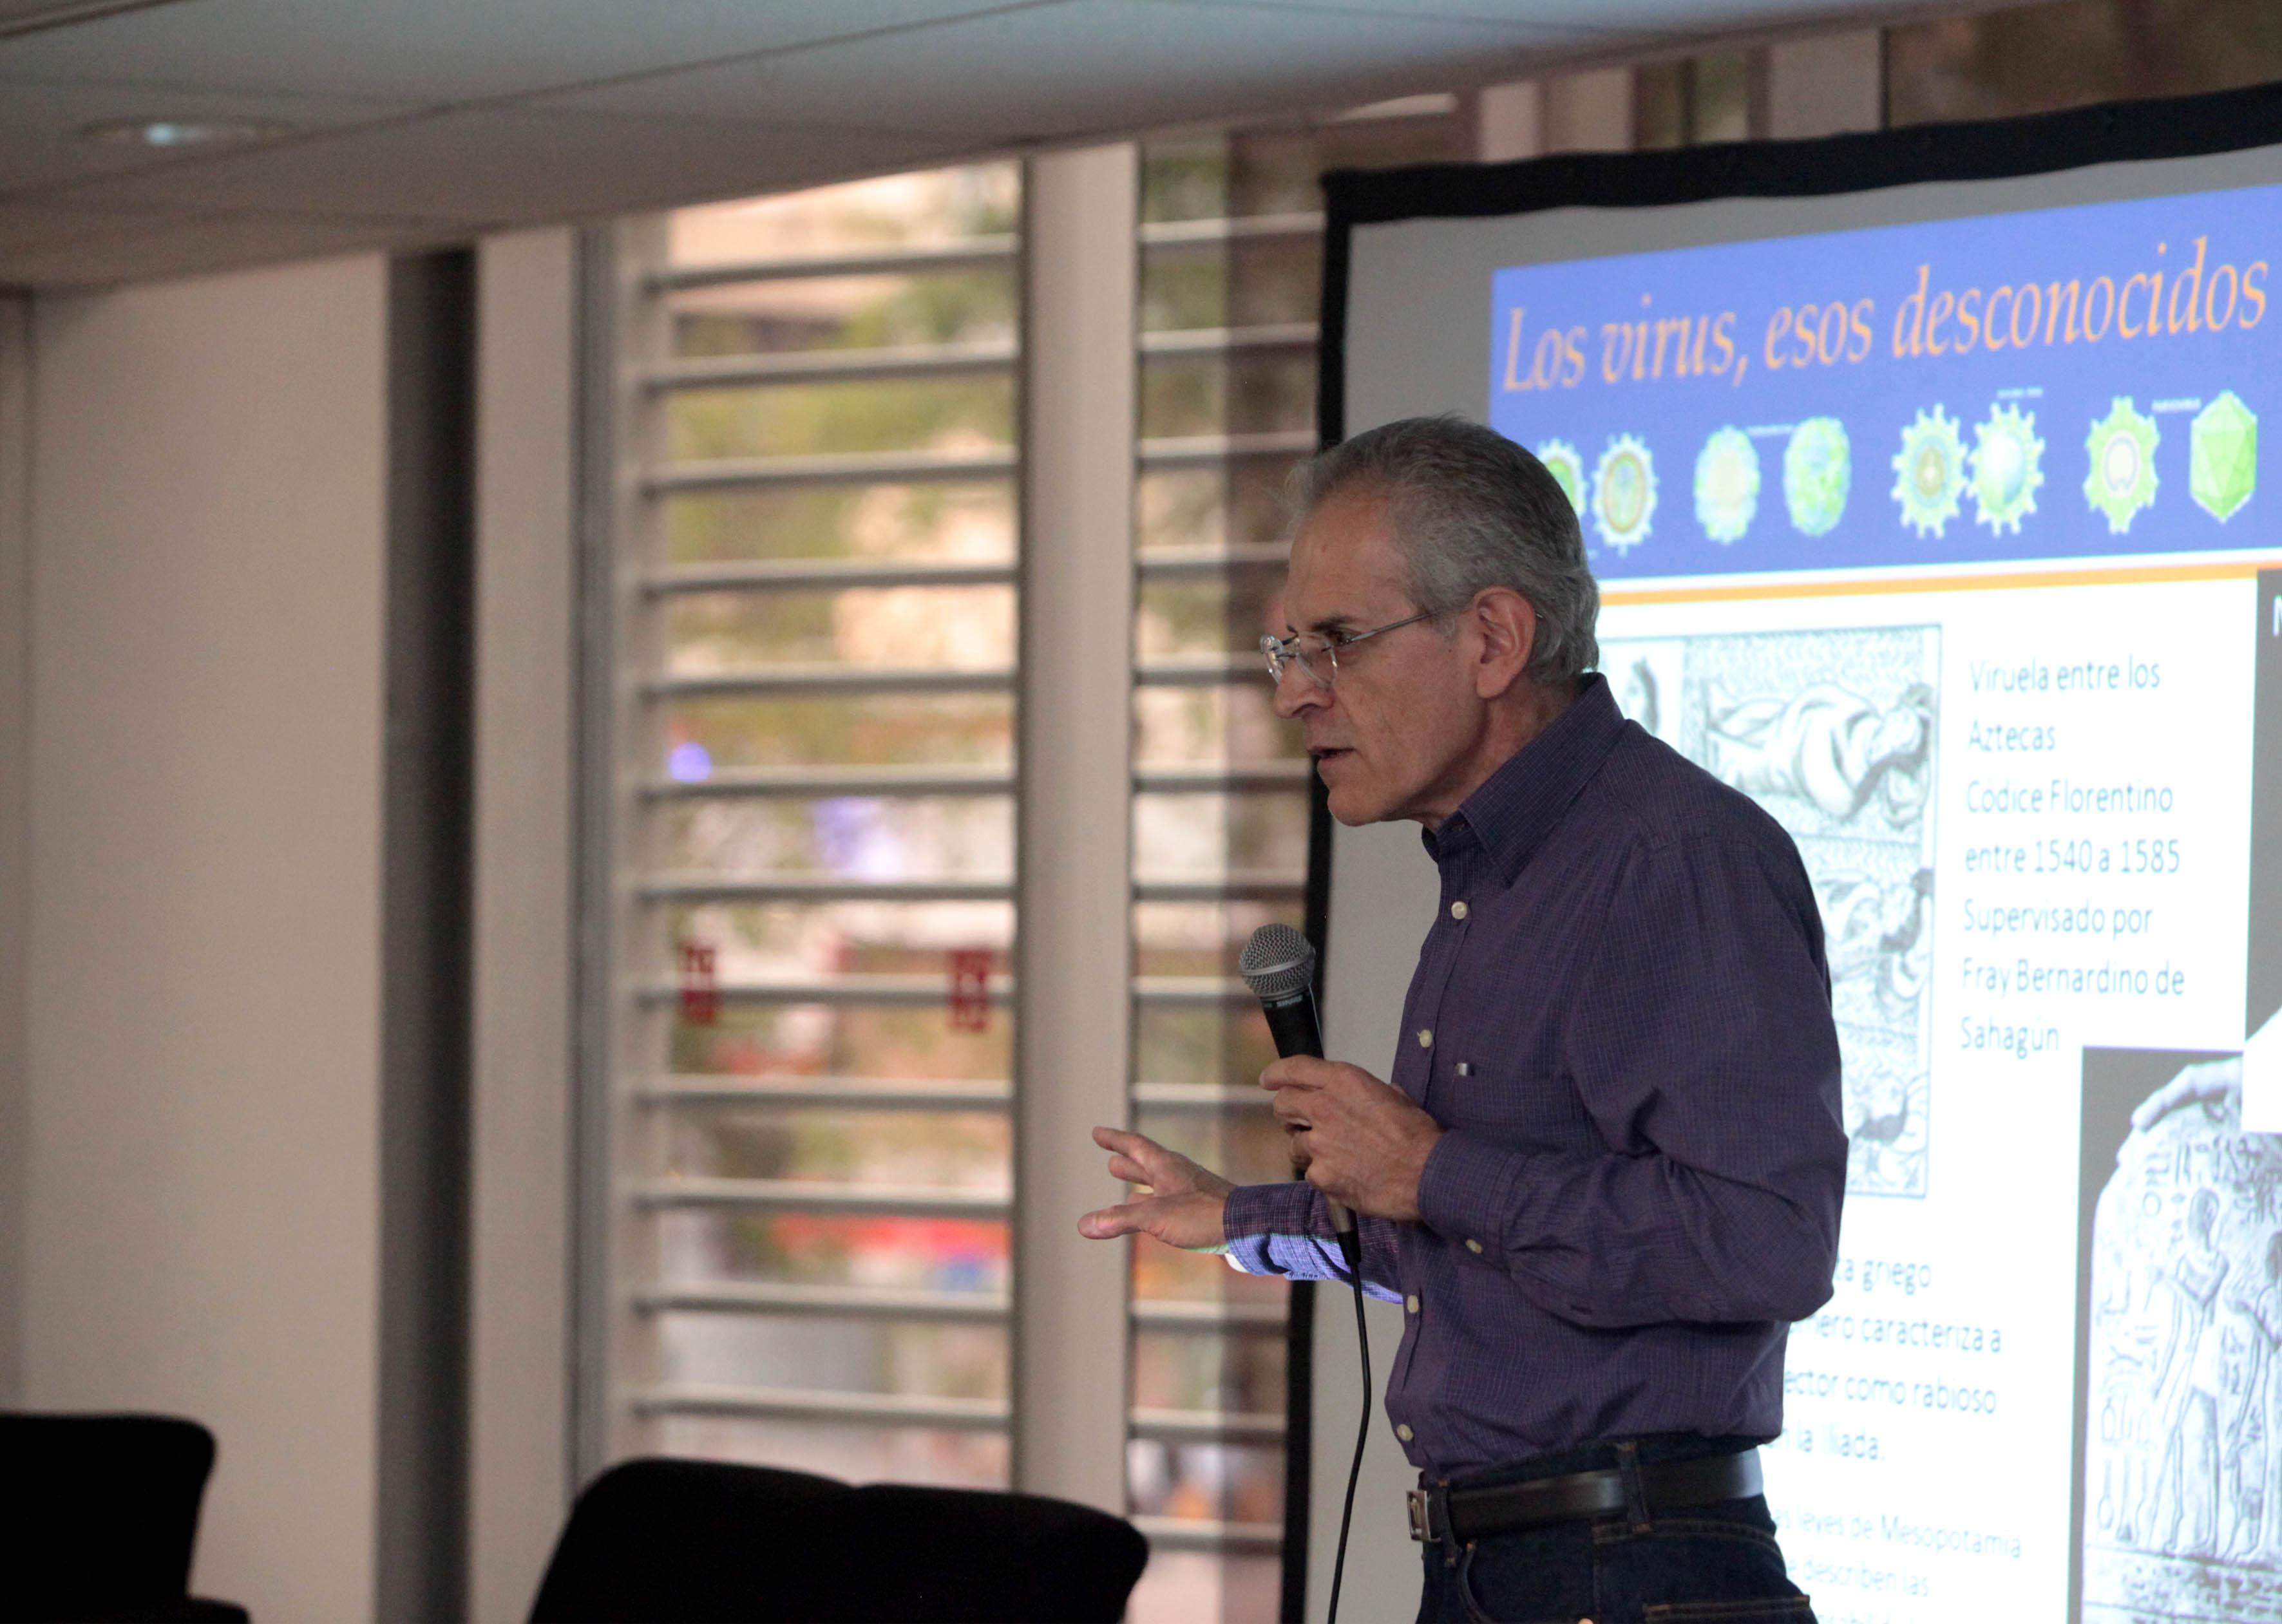 Investigador del Centro Universitario de Ciencias Biológicas y Agropecuarias (CUCBA) Dr. Arturo Orozco Barocio